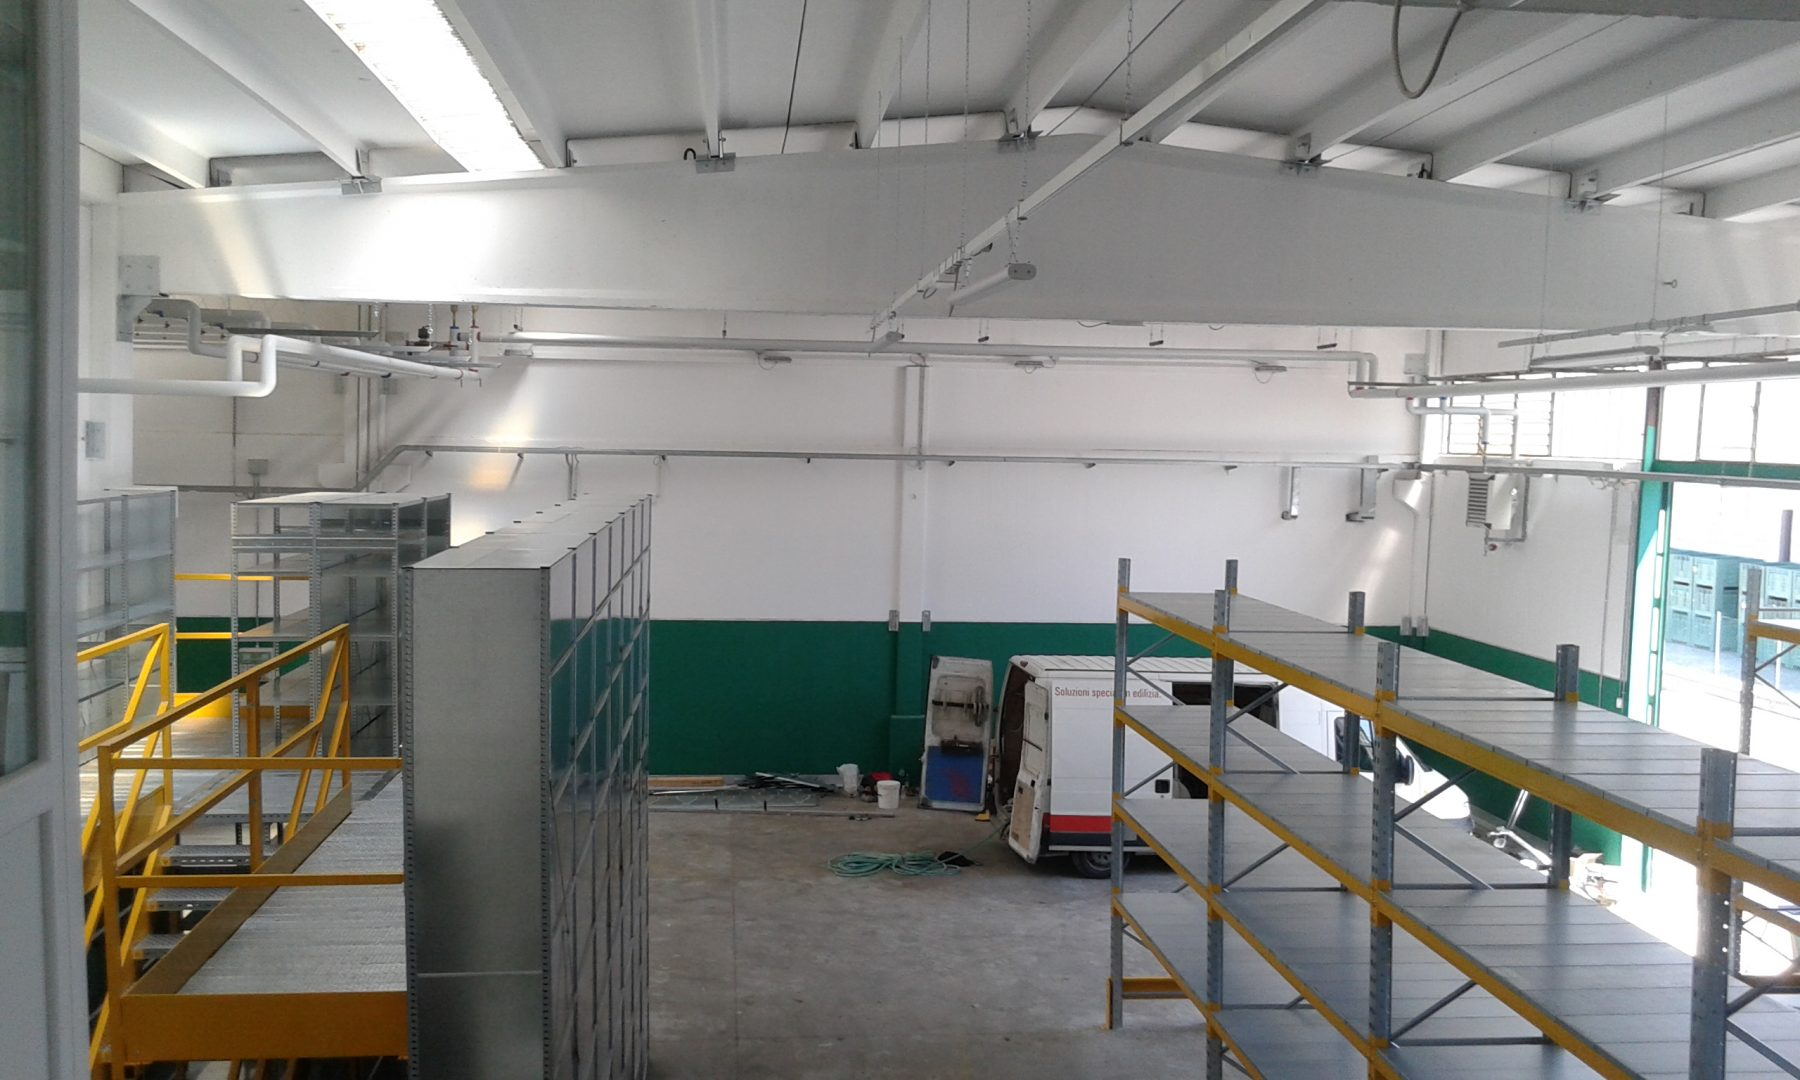 Intervento di ristrutturazione dell'impianto termico in capannone artigianale